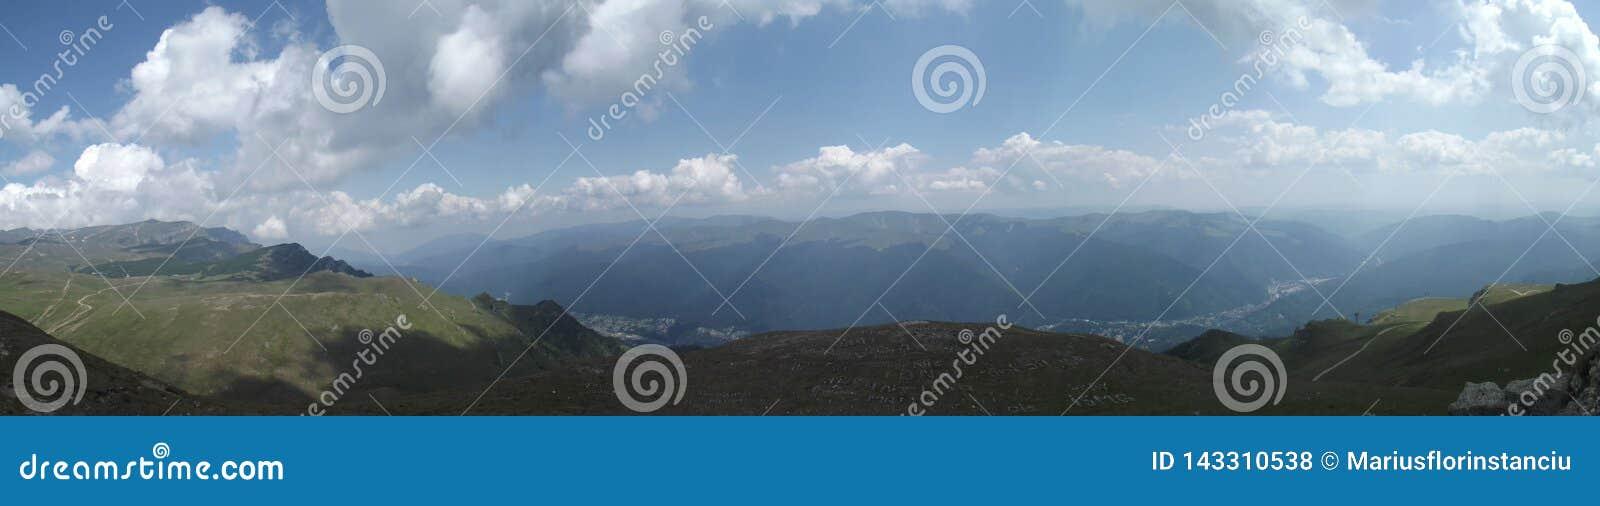 La vue panoramique du haut des montagnes de Bucegi et, dans la distance, de la vallée de Prahova